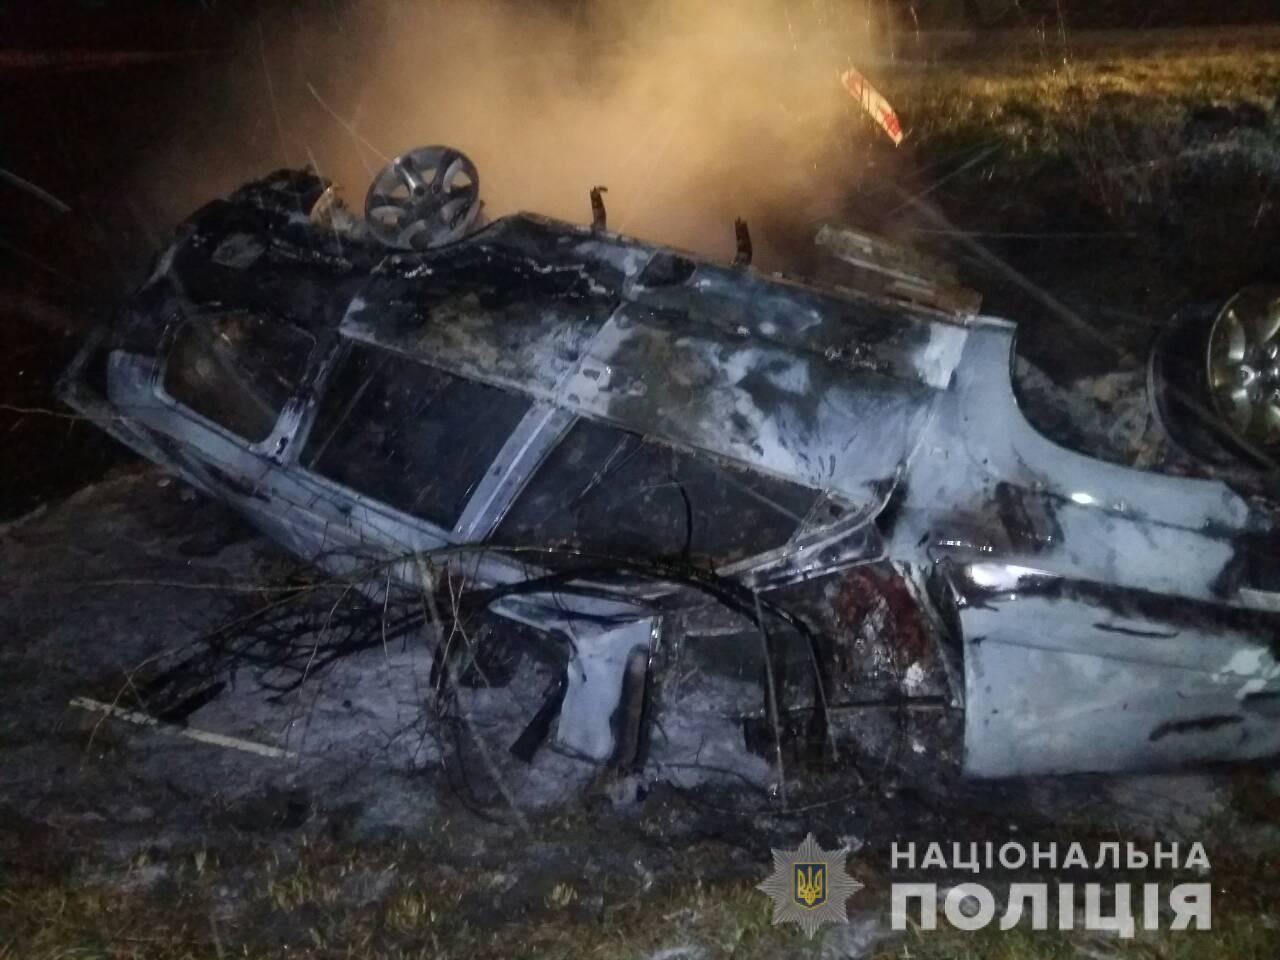 Страшное ДТП в Запорожской области: погибли два человека - ФОТО